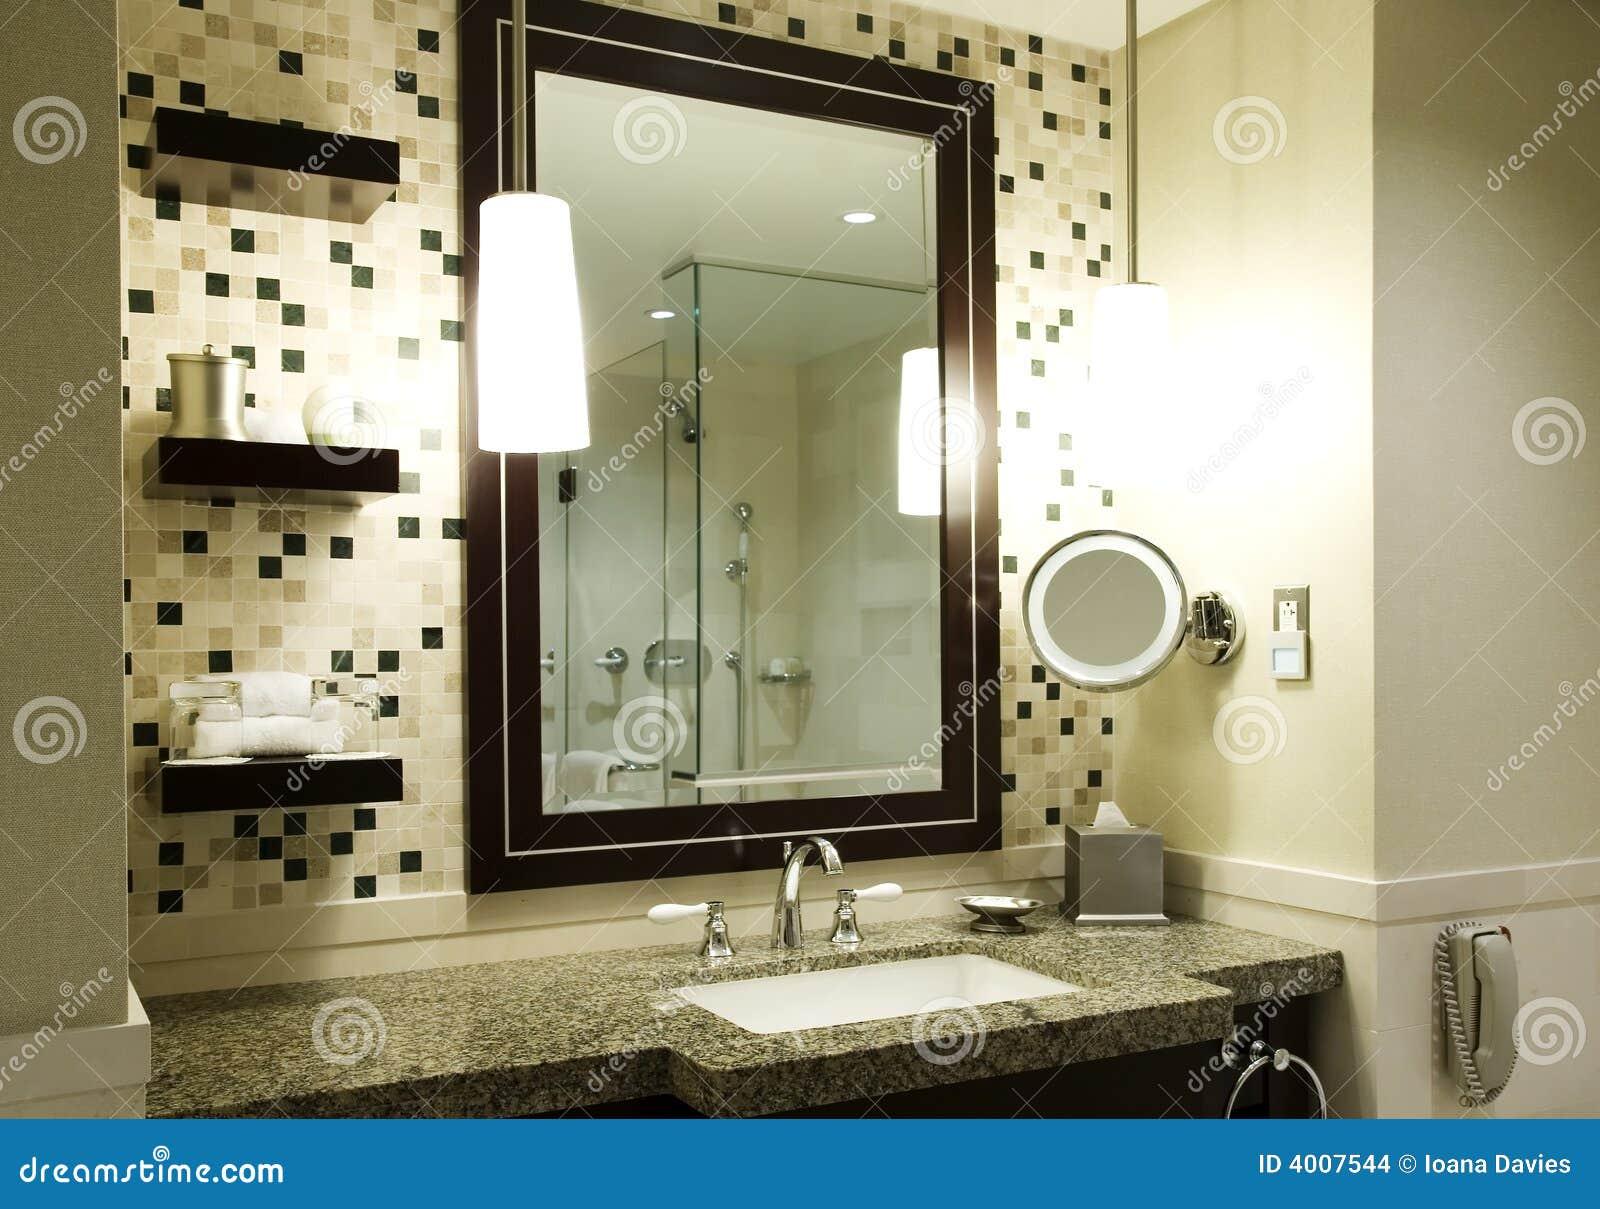 Cuarto de baño moderno imagenes de archivo   imagen: 4007544